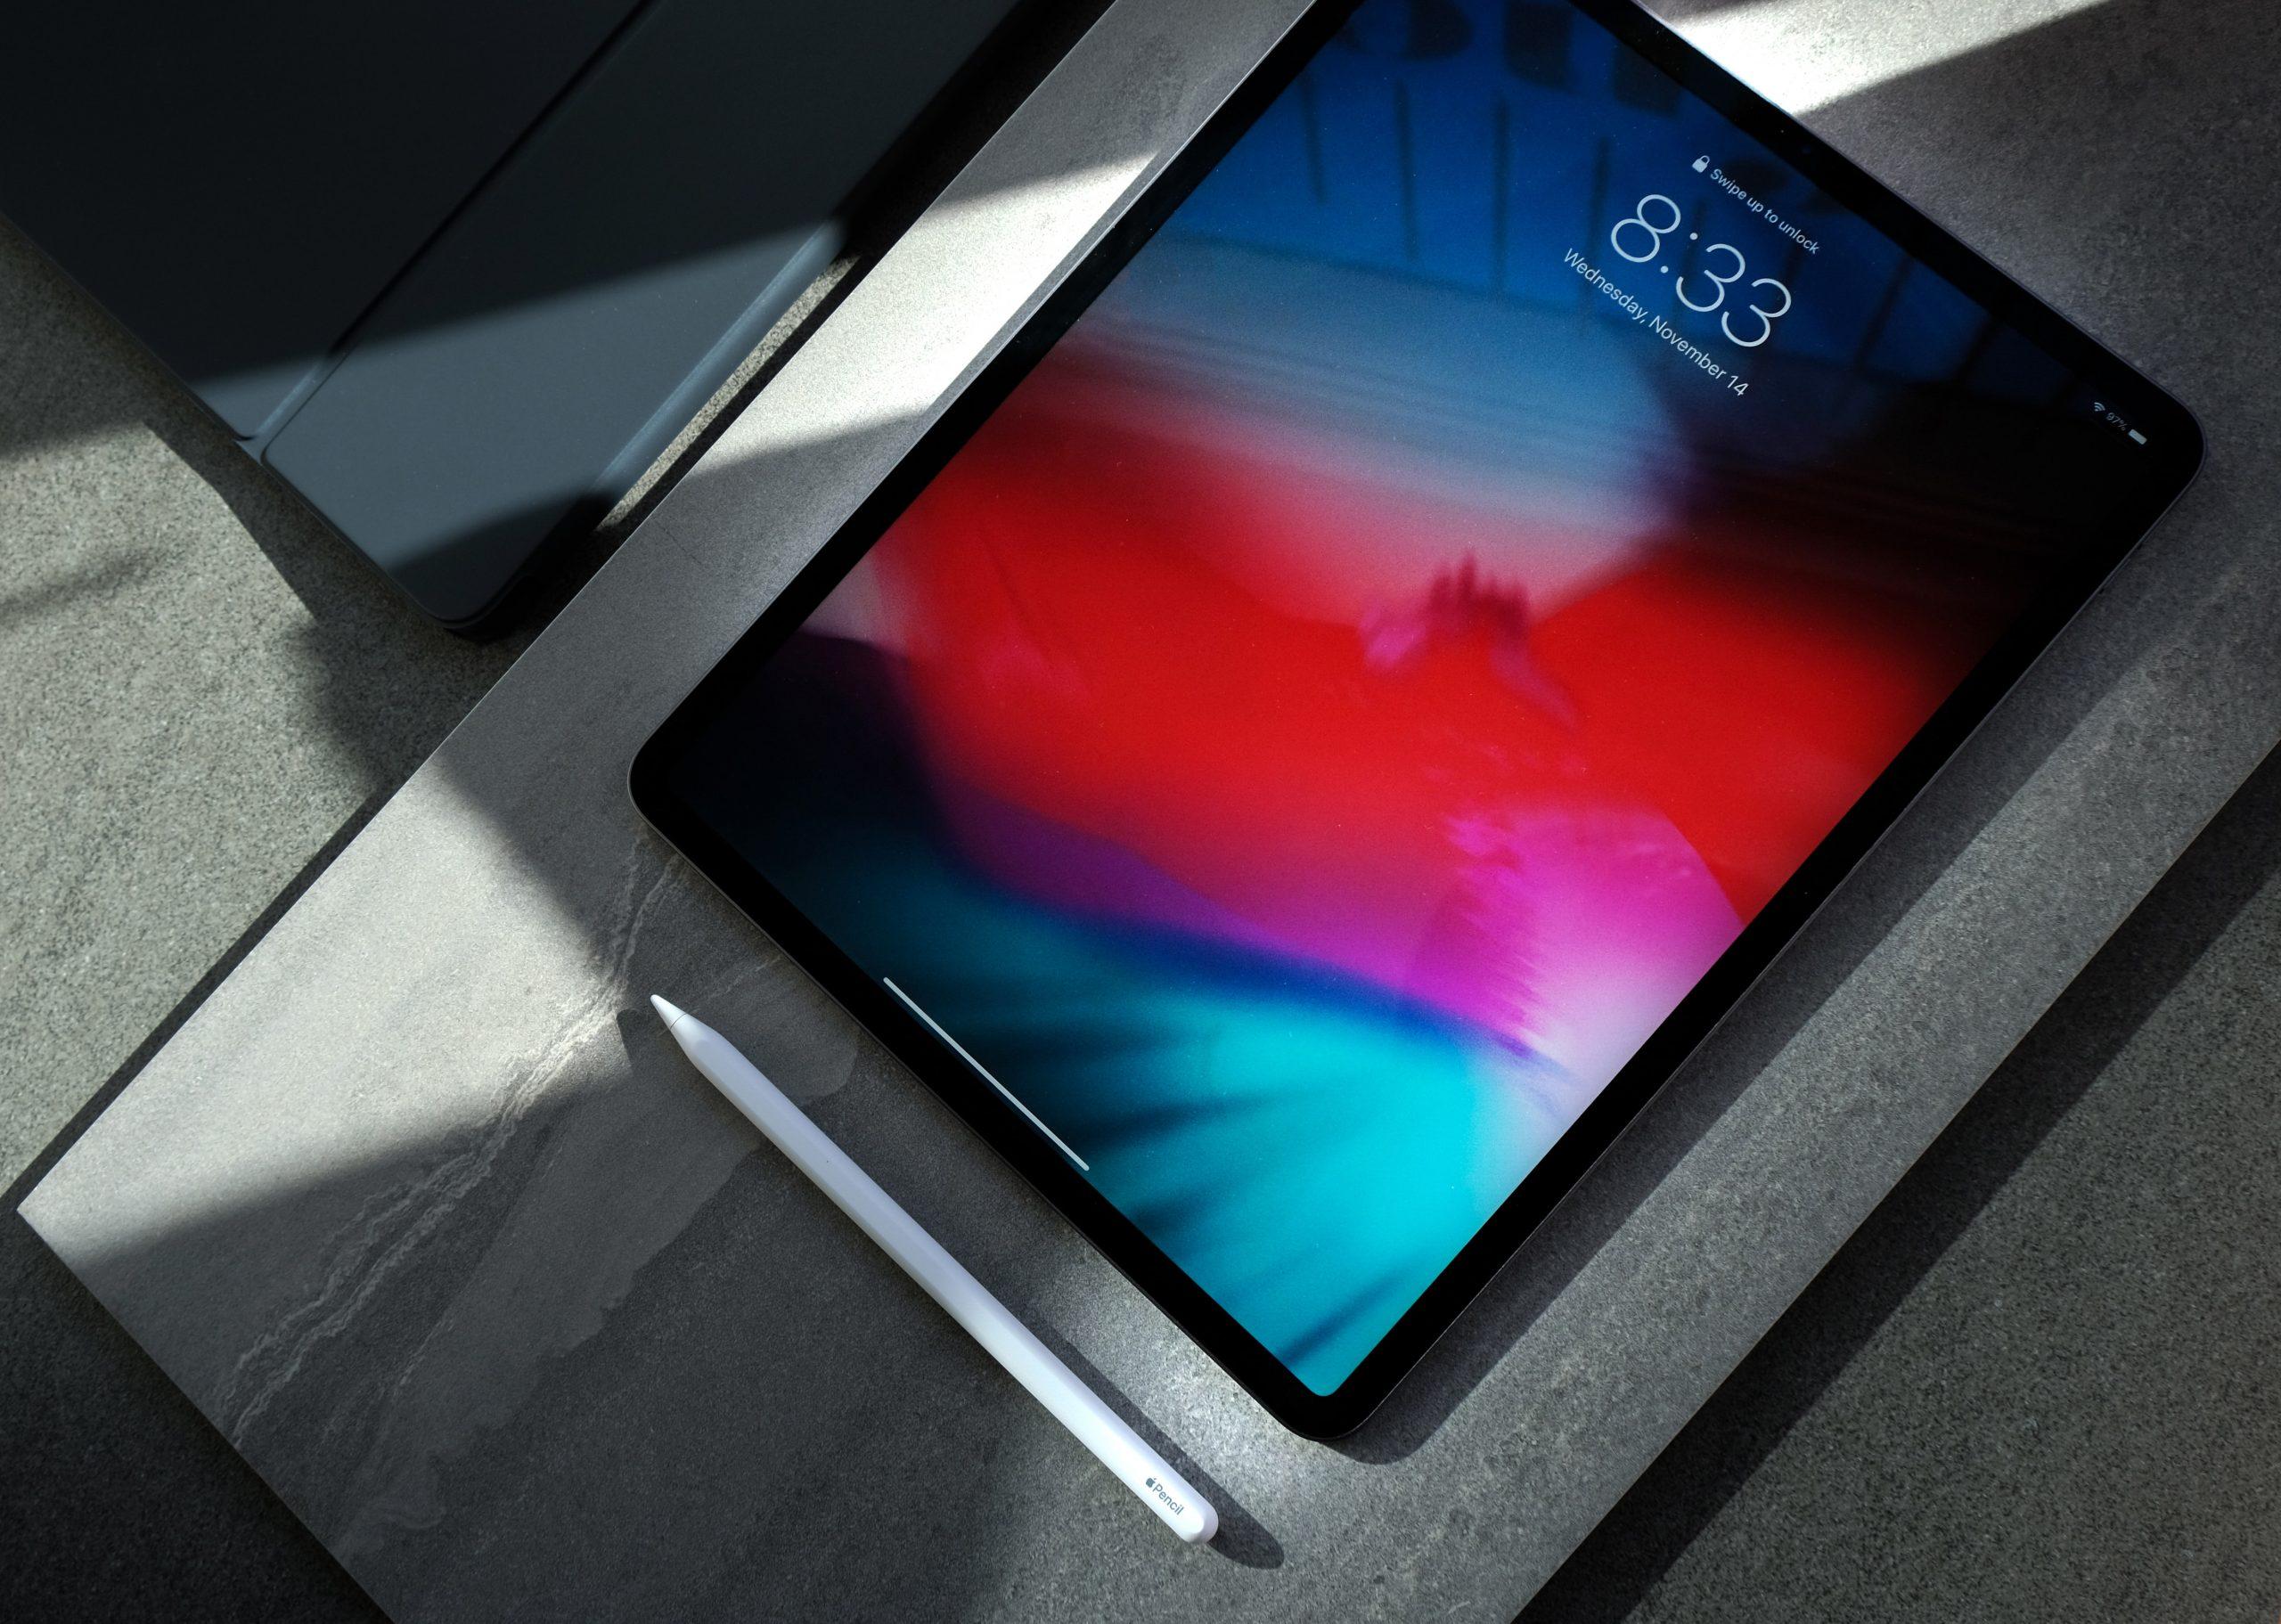 Em 2022, os iPad devem contar com ecrãs OLED da Samsung